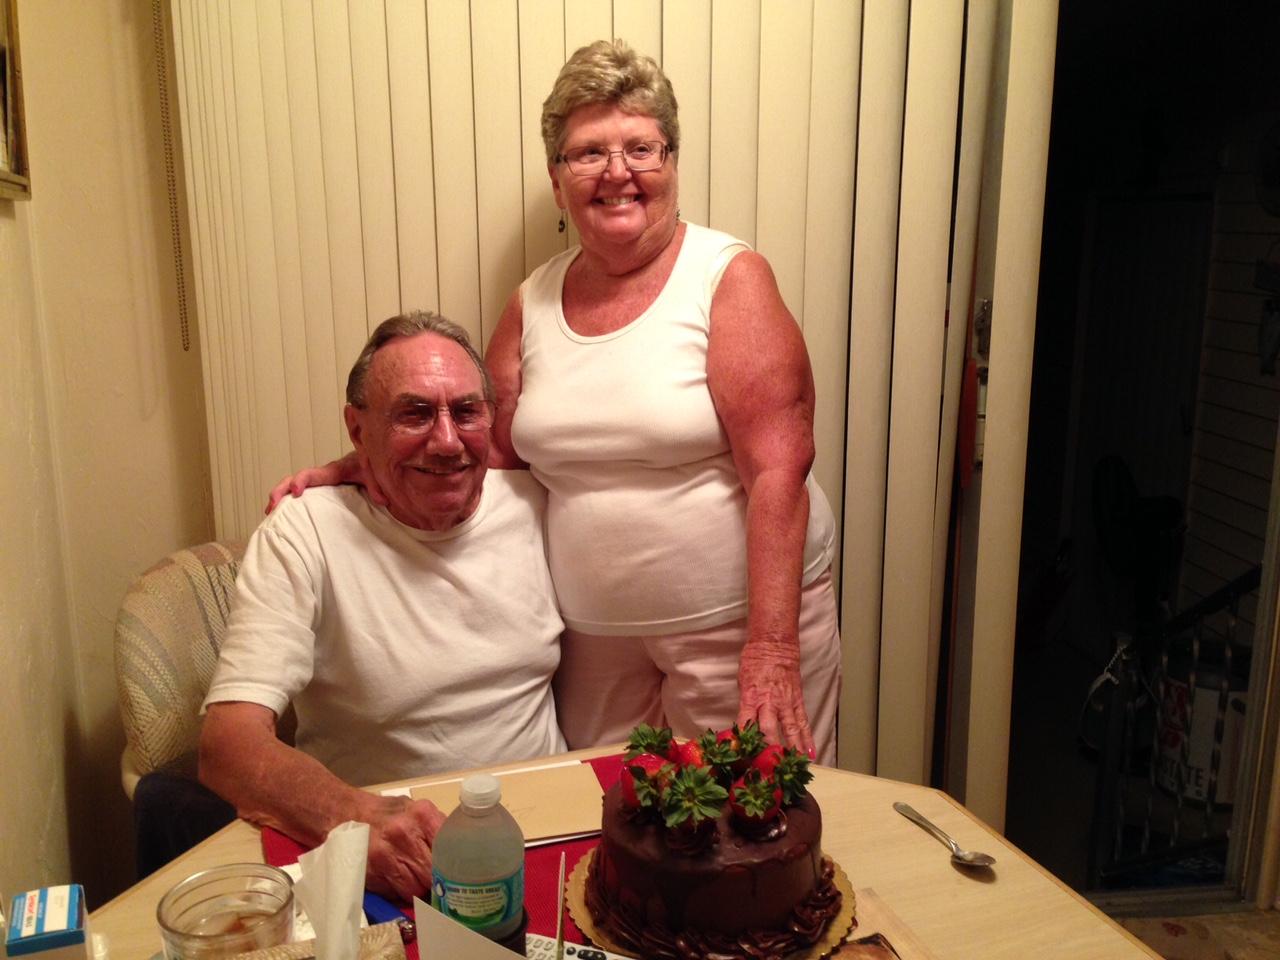 Sonny s birthday 6 1 15